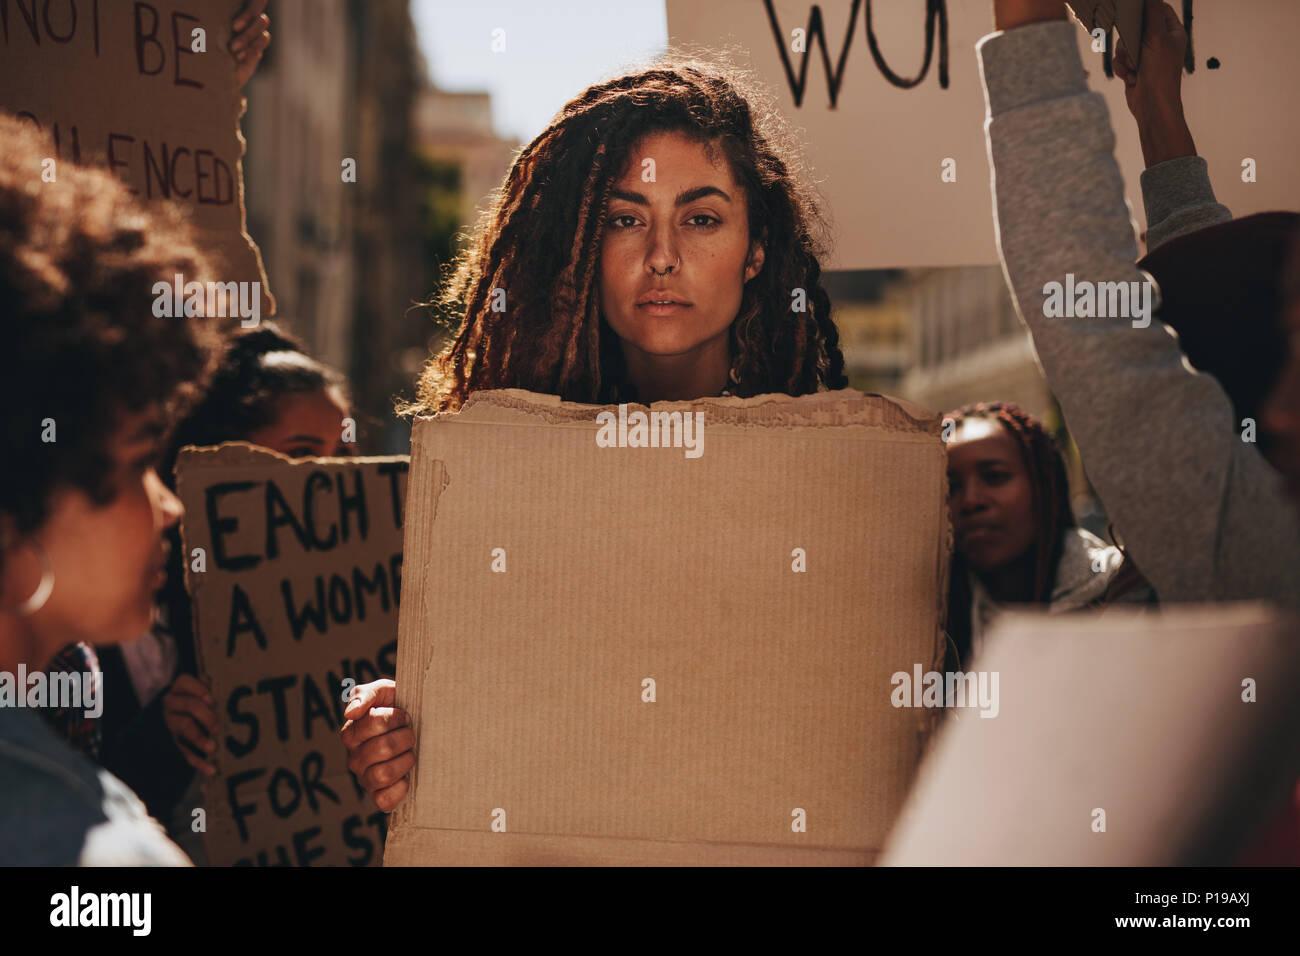 Grave donna tenendo una targhetta vuota durante una manifestazione di protesta all'esterno. Un gruppo di dimostranti femmina su strada con striscioni. Immagini Stock